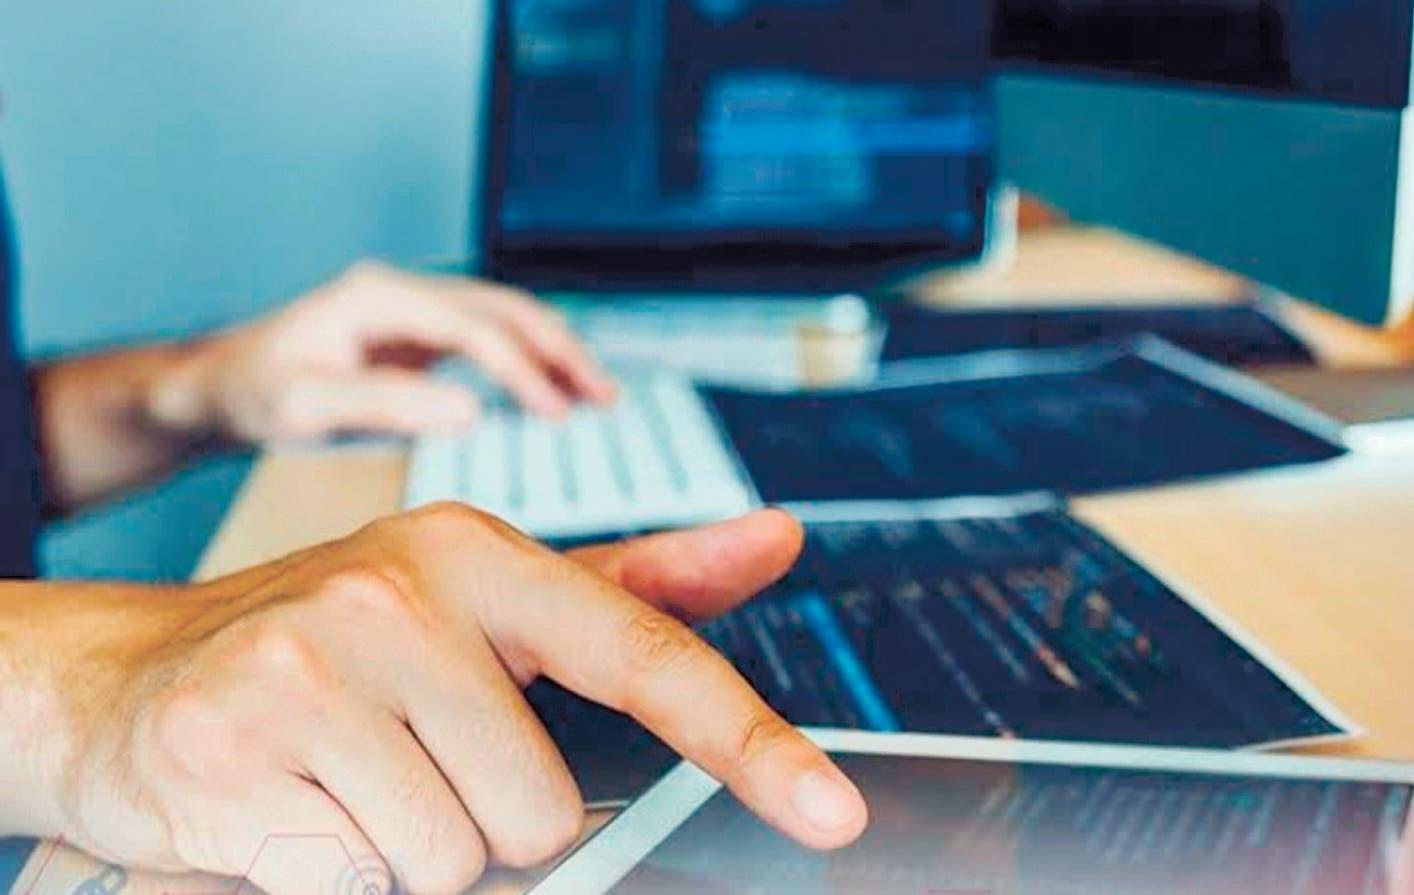 Apagón de internet: a qué teléfonos y computadoras puede afectar